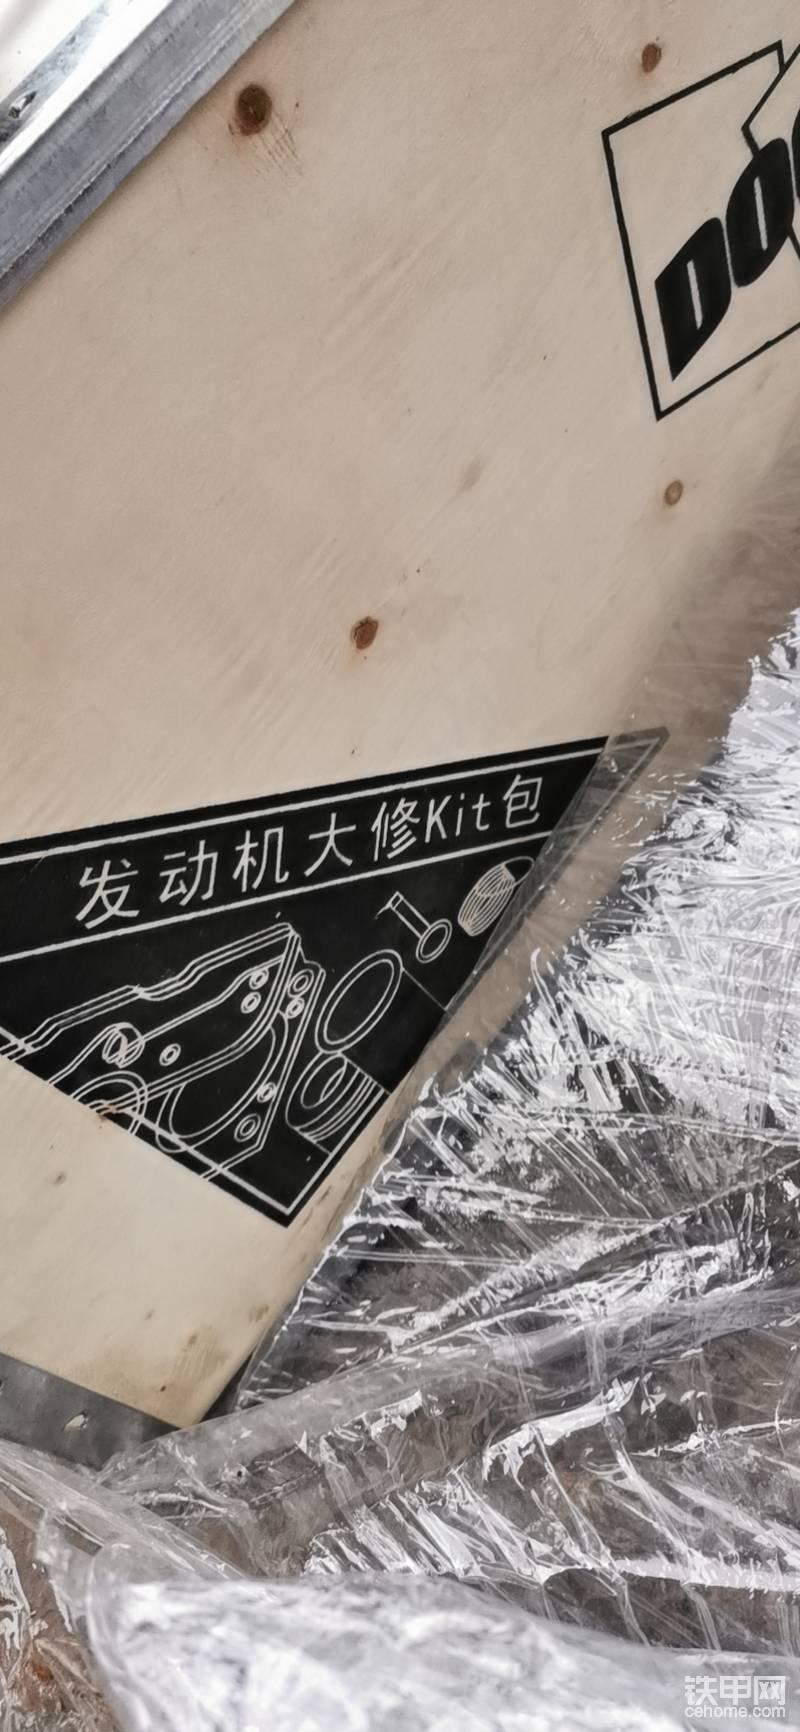 組裝斗山發動機-帖子圖片